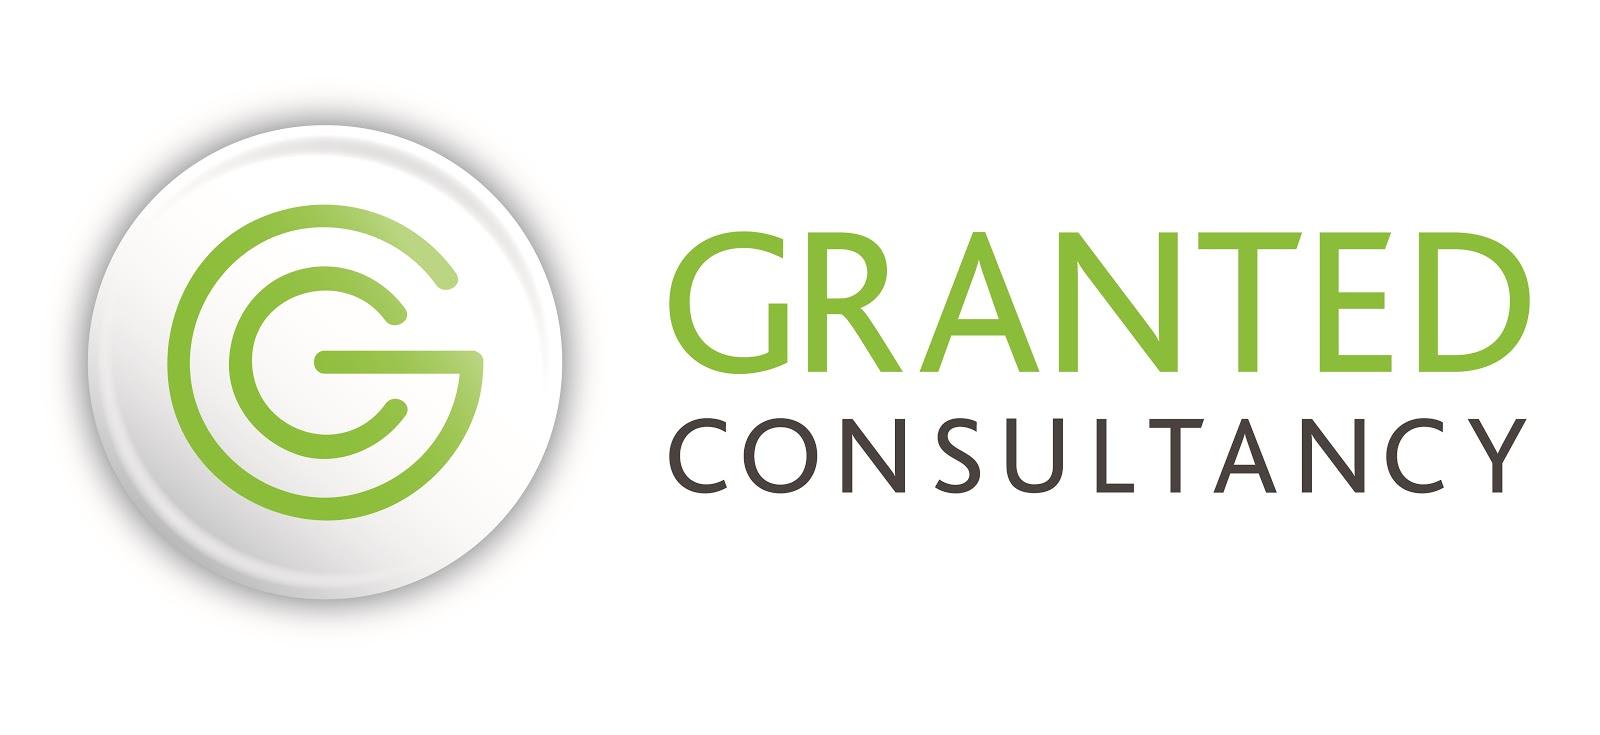 Granted Consultancy Ltd.